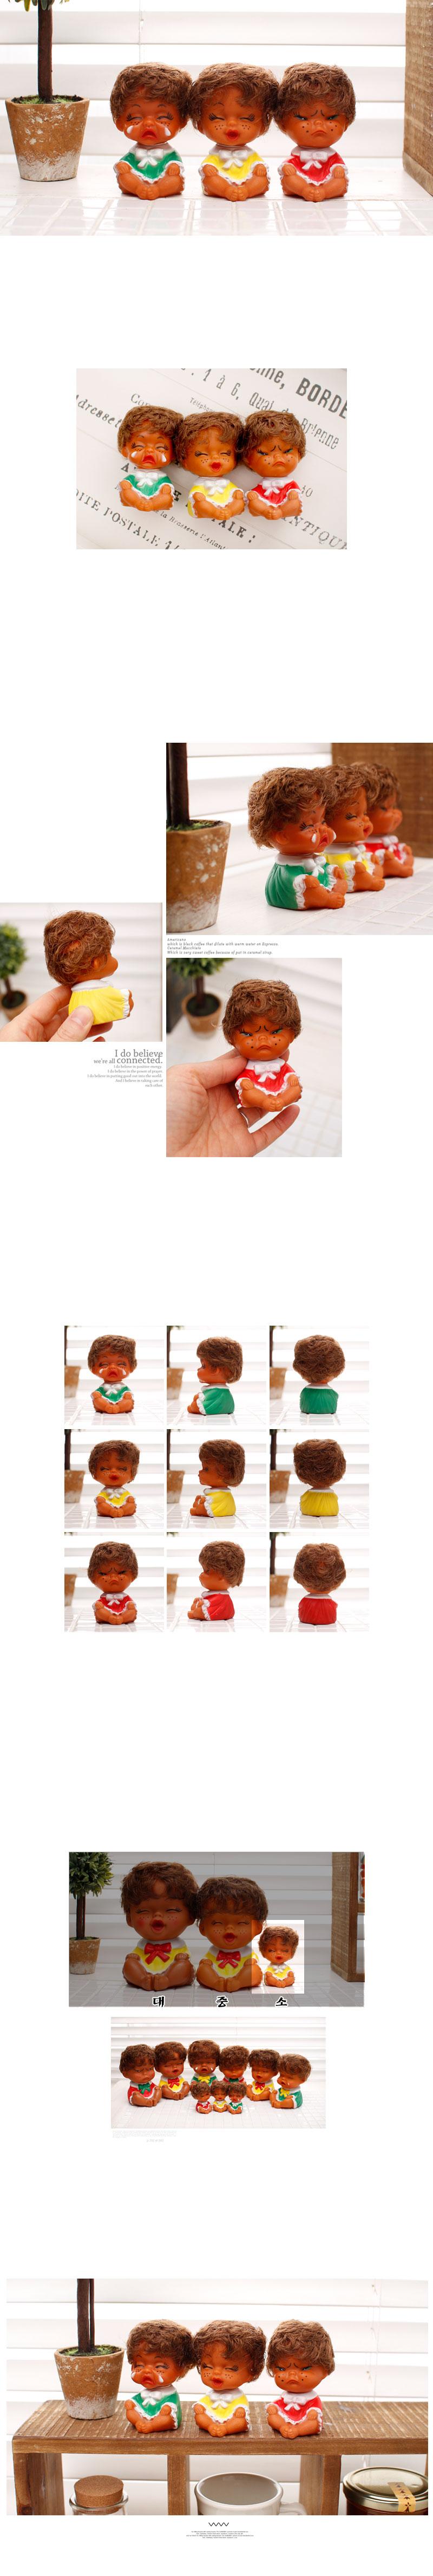 못난이 인형3P(곱슬머리)-소 - 체리하우스, 16,500원, 미니어처, 사람